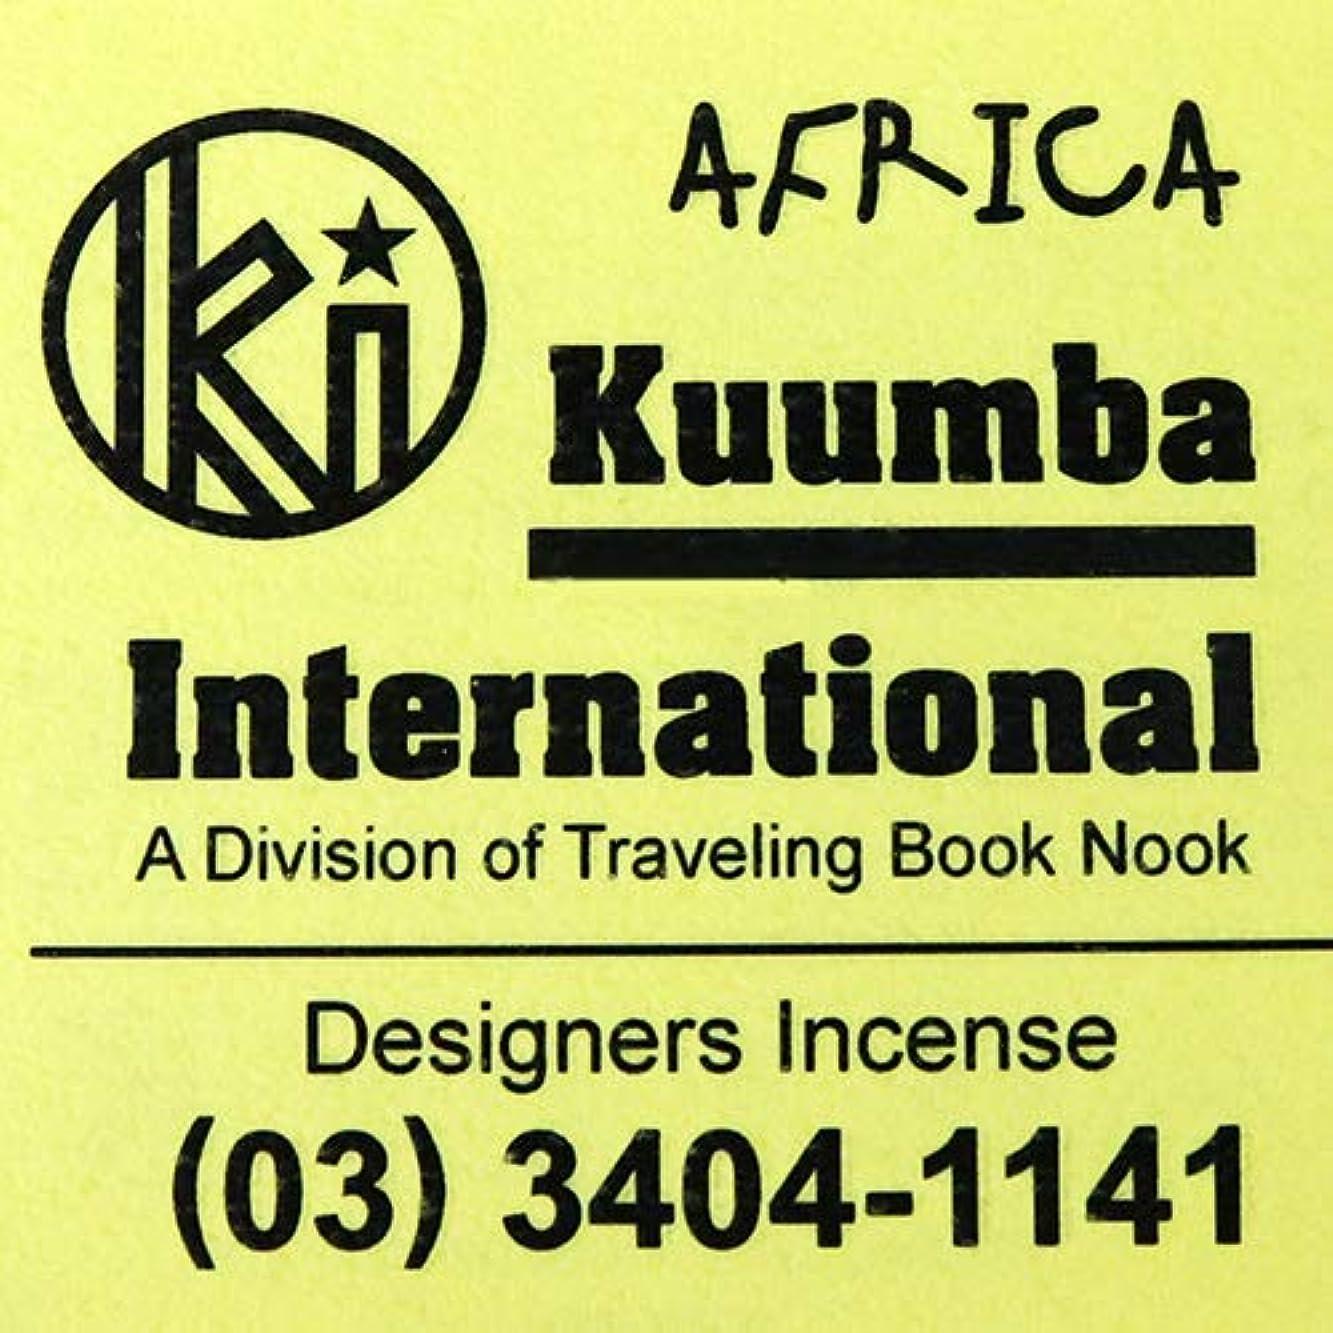 (クンバ) KUUMBA『incense』(AFRICA) (AFRICA, Regular size)